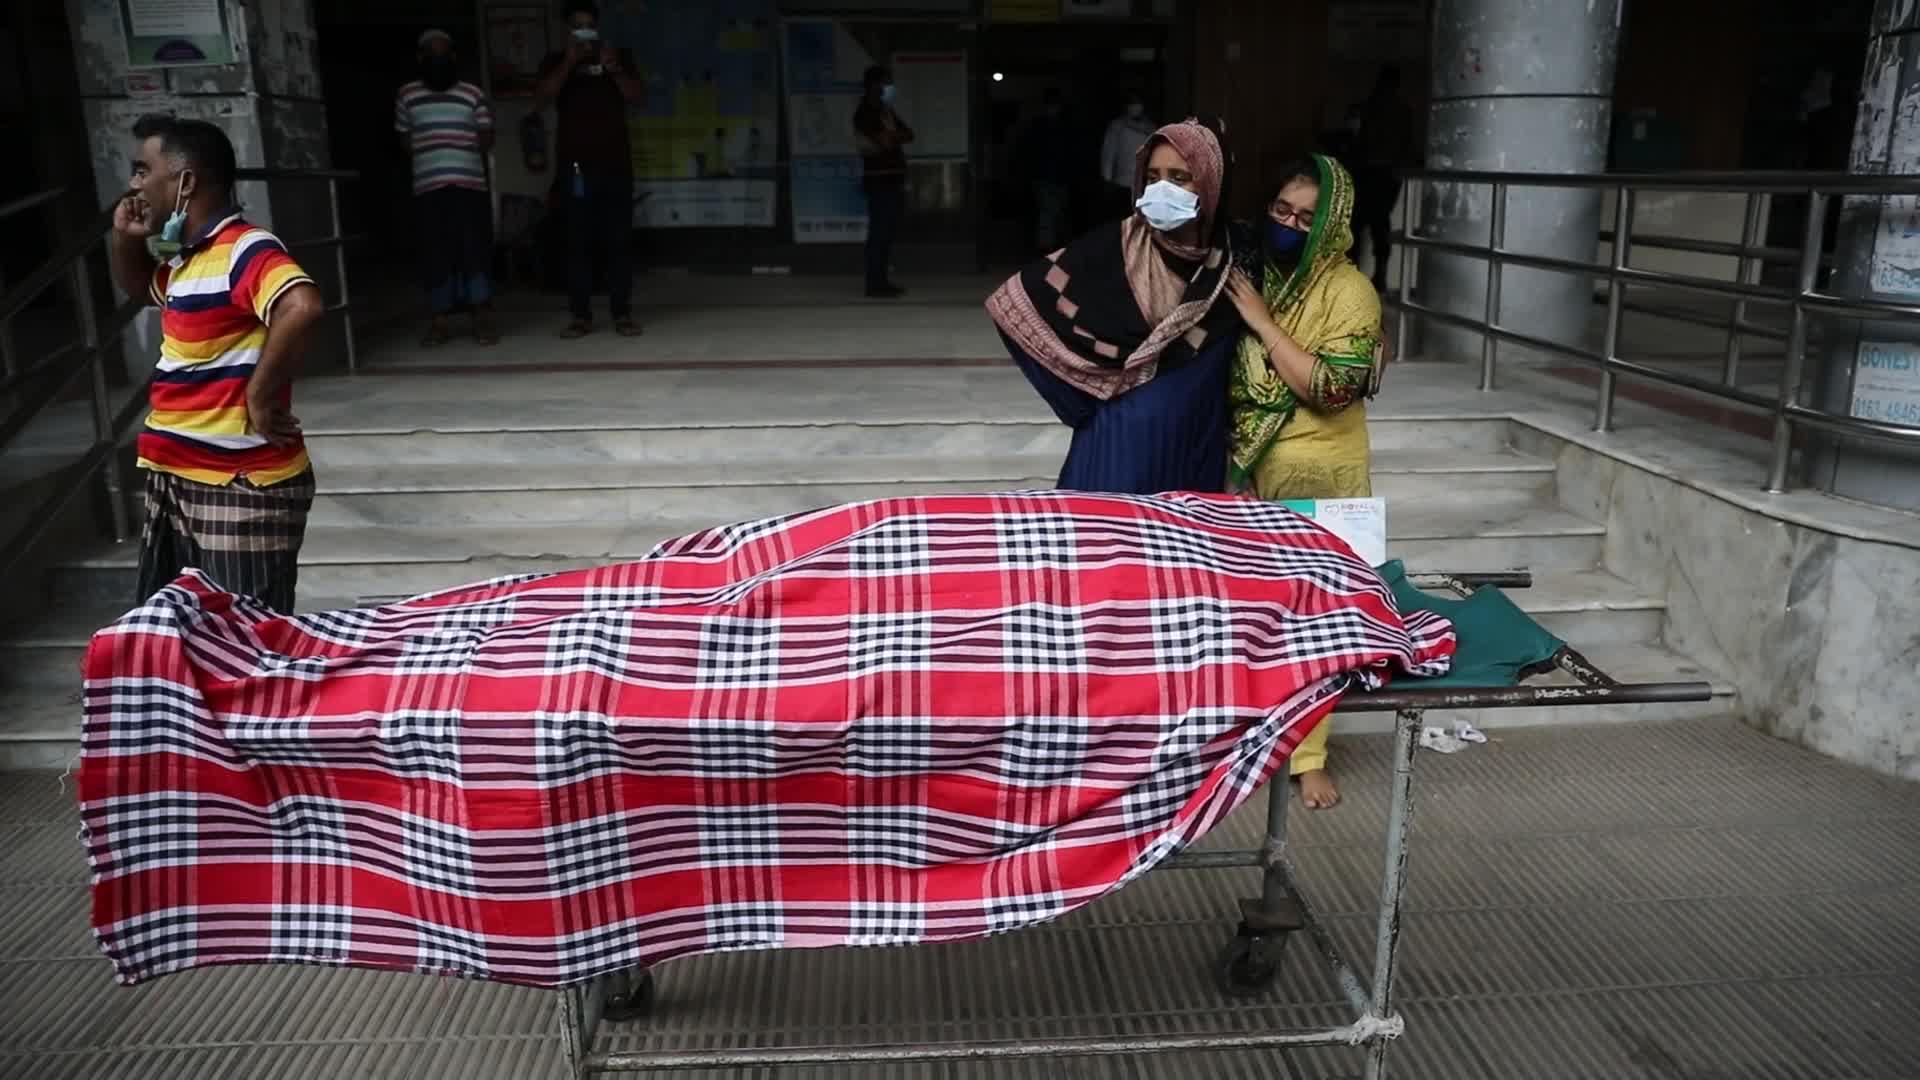 Coronavirus emergency in Dhaka, Bangladesh